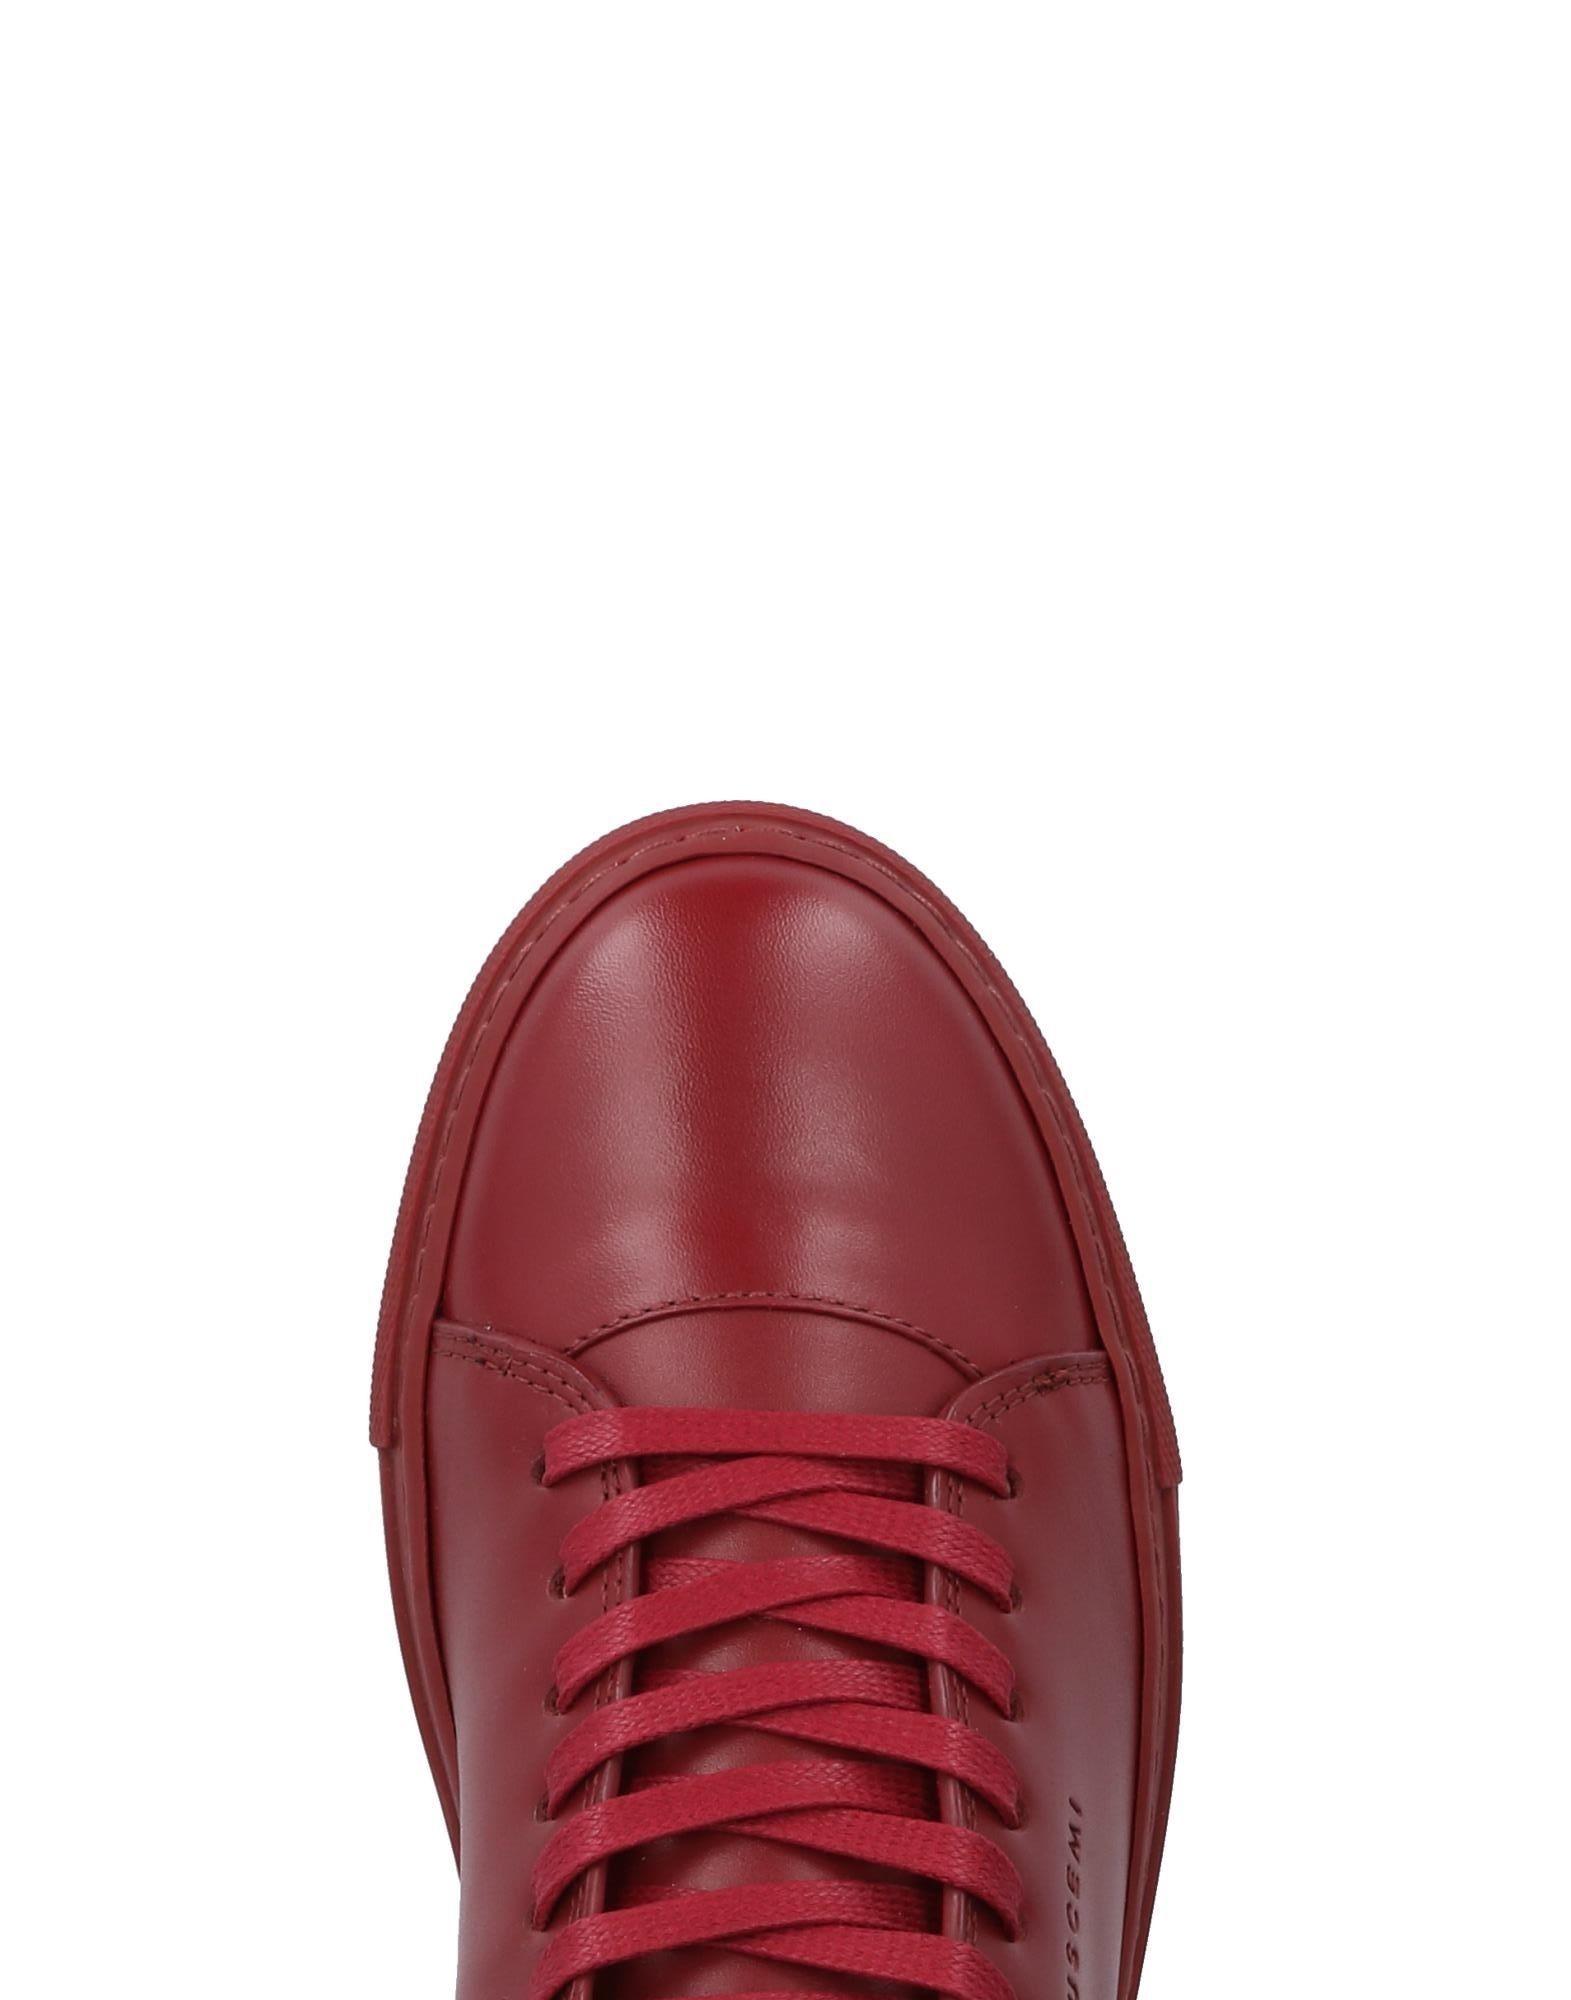 Buscemi Sneakers - Women Women Women Buscemi Sneakers online on  United Kingdom - 11473071WW 12b4a4